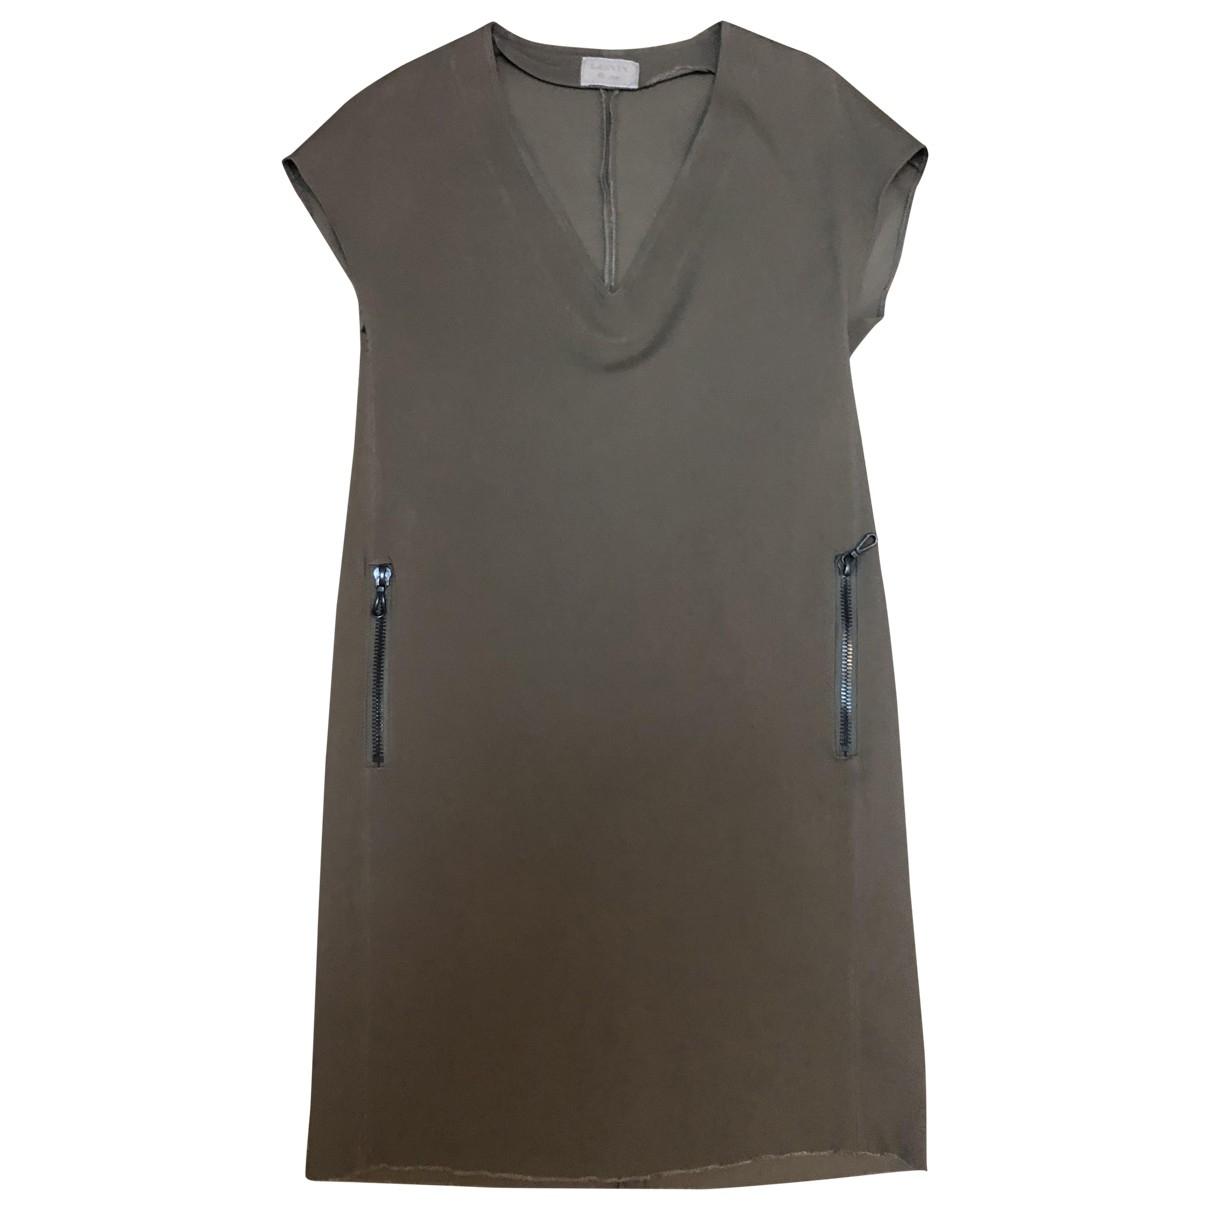 Lanvin \N Kleid in  Beige Synthetik